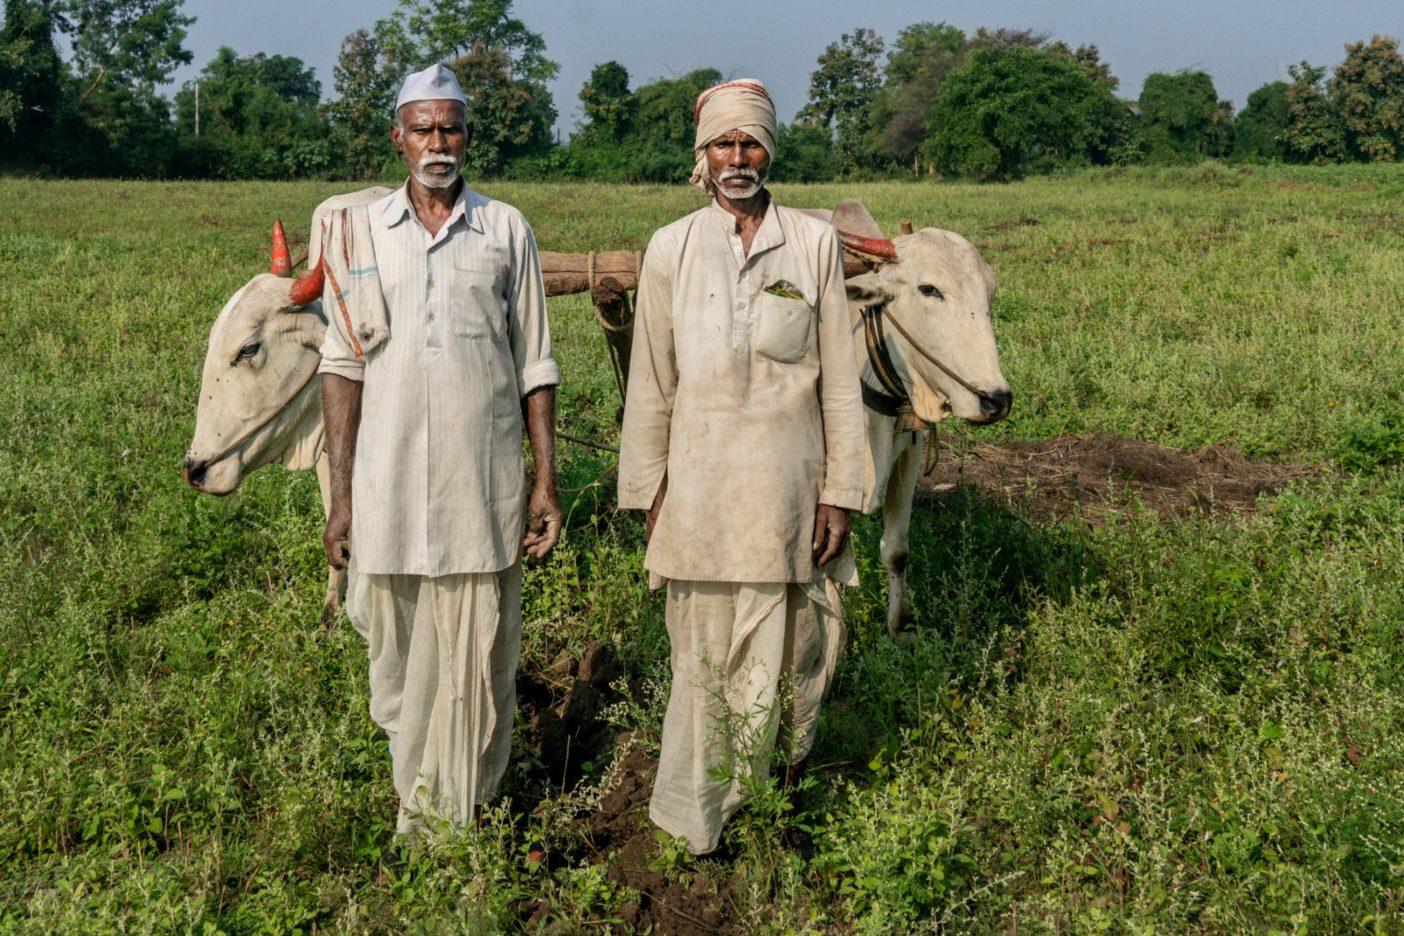 牛たちとその飼い主の2人の農夫。こうした動物が原料を提供する豊かな堆肥は、健全な土壌を育成するために重要な一要素である。Photo:Avani Rai